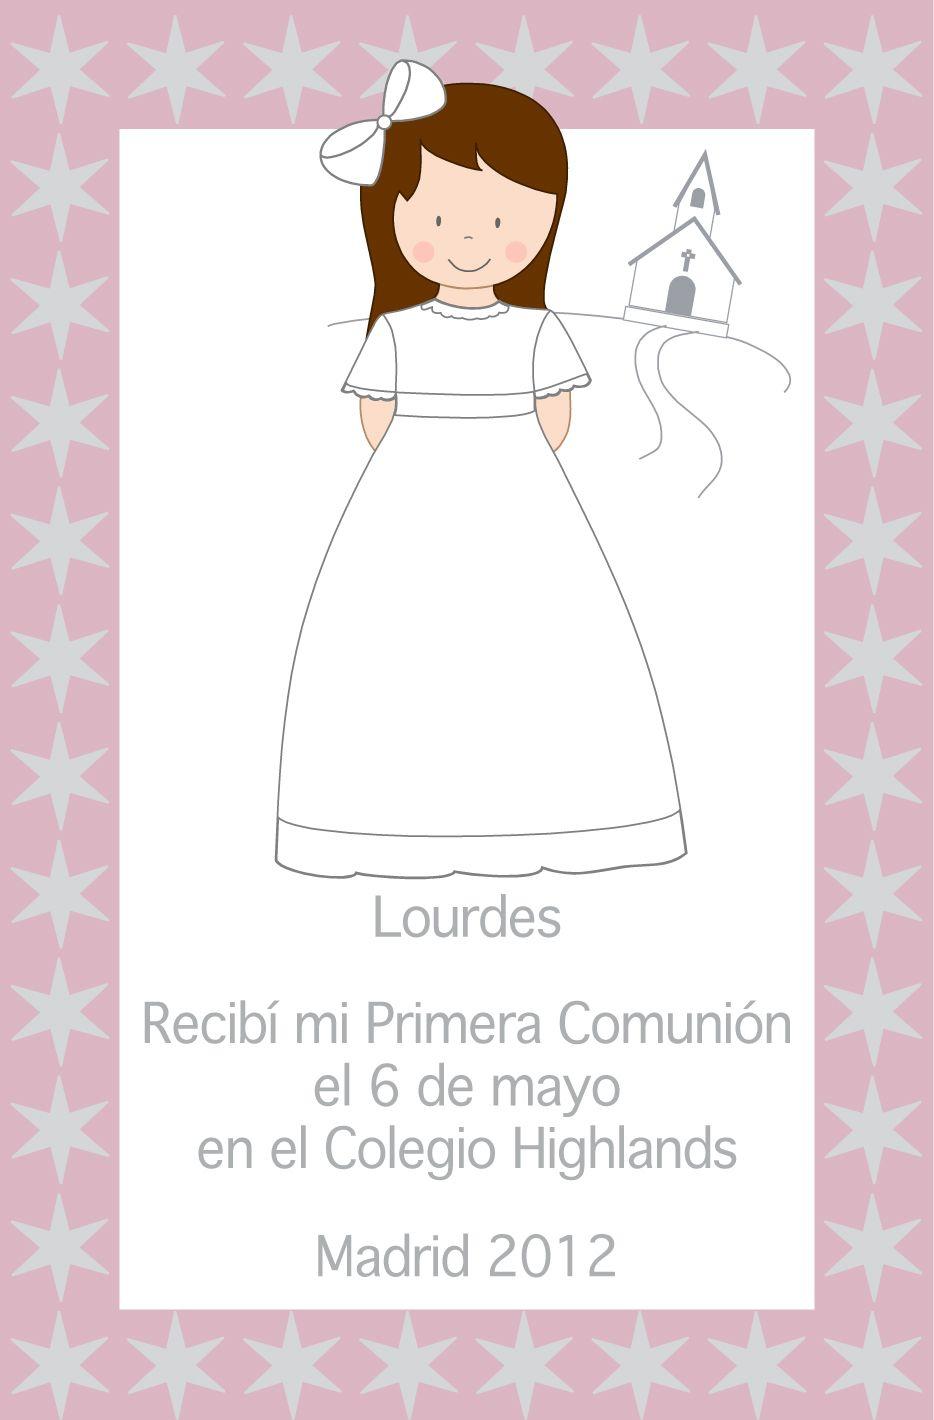 Primera comunion invitaciones templates - Invitaciones comunion busquets ...